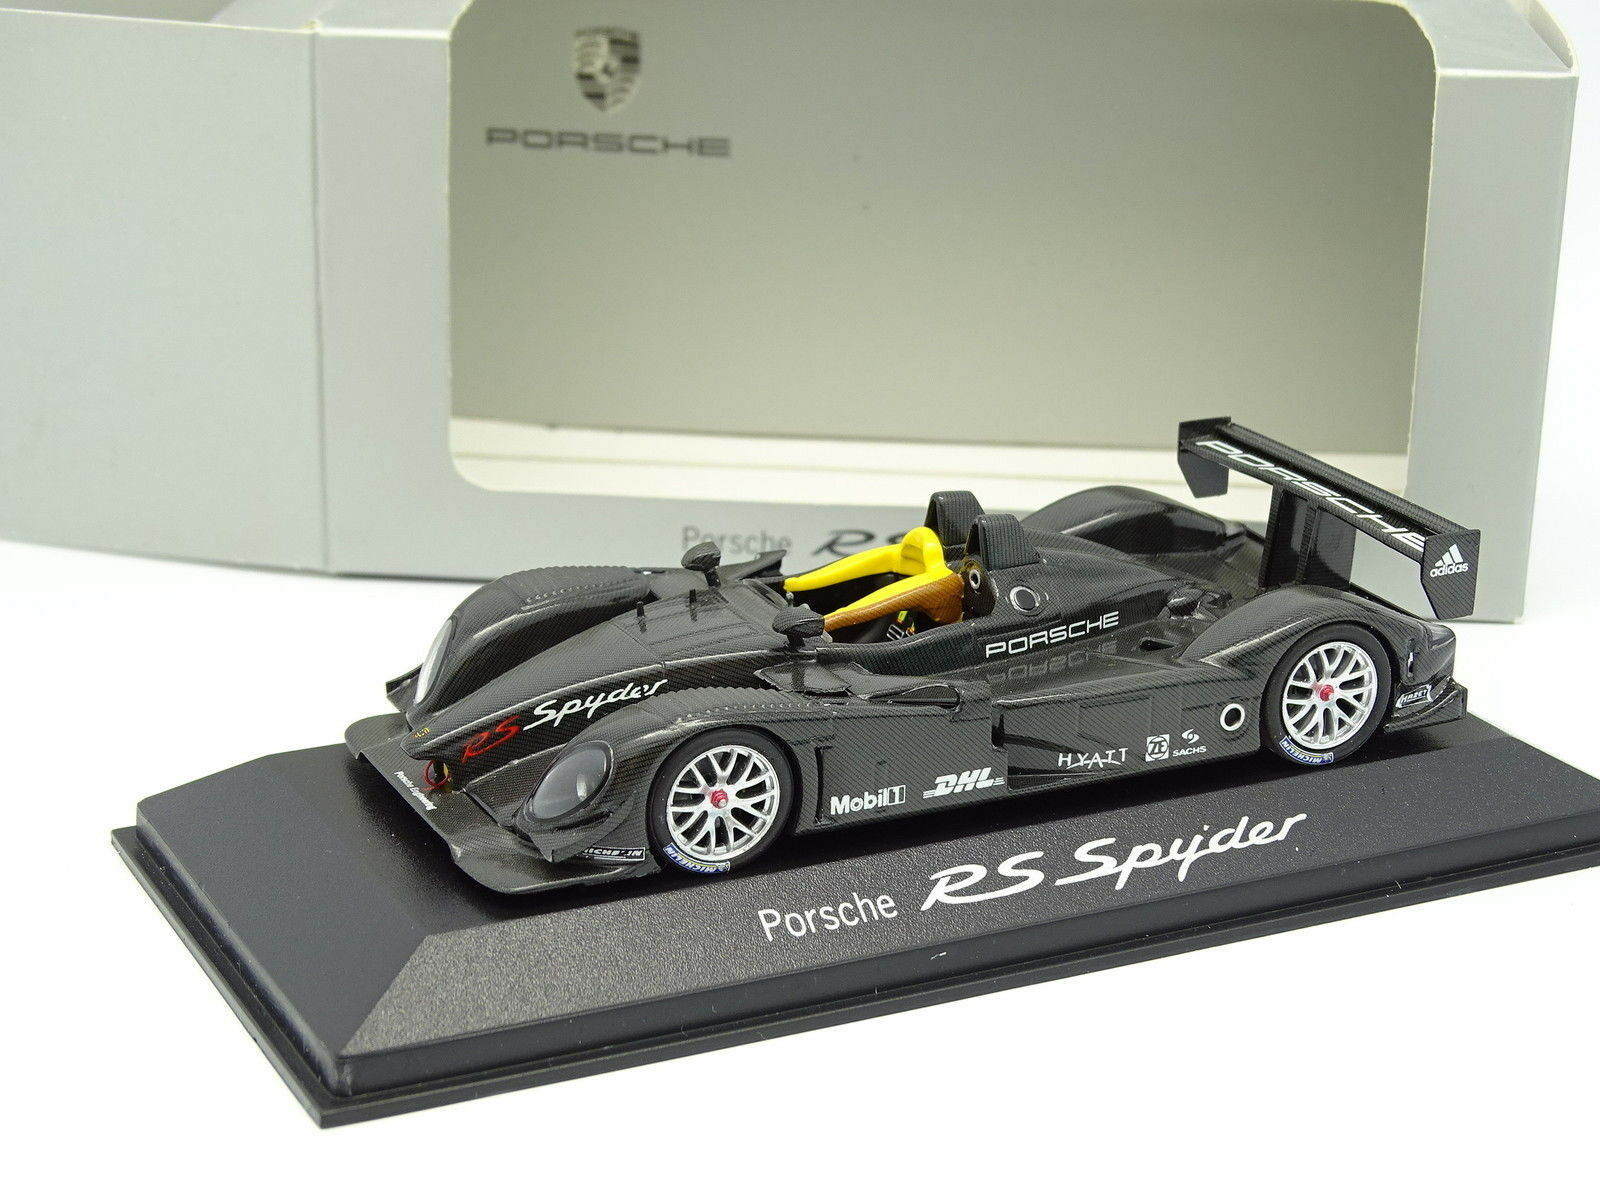 Minichamps 1 43 - Porsche RS Spyder carbone